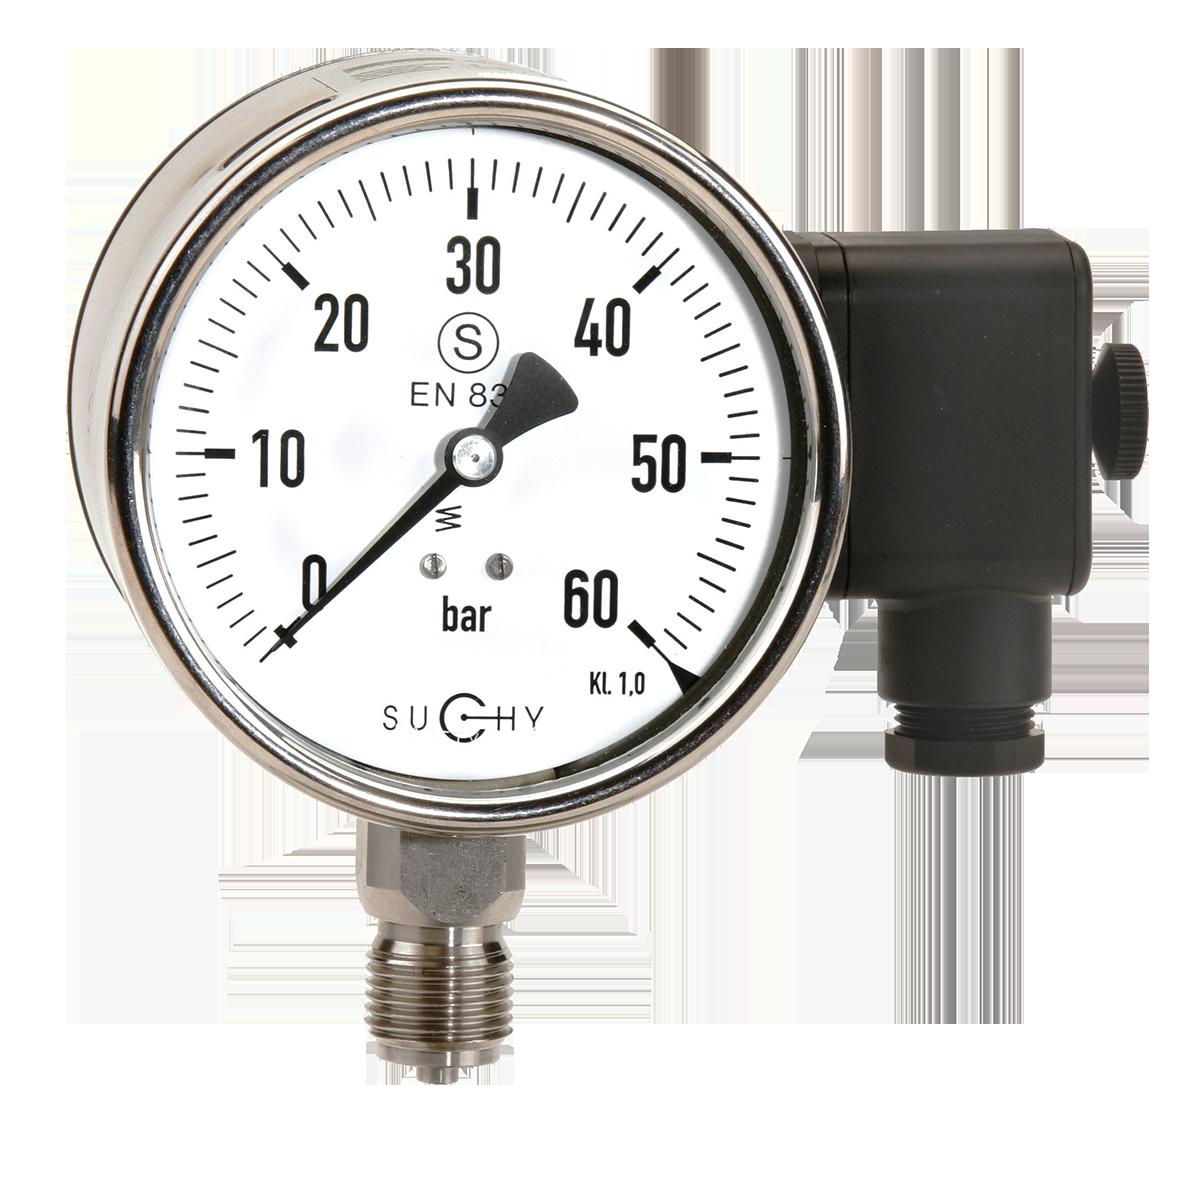 Manometer mit integriertem Drucksensor: HENNLICH